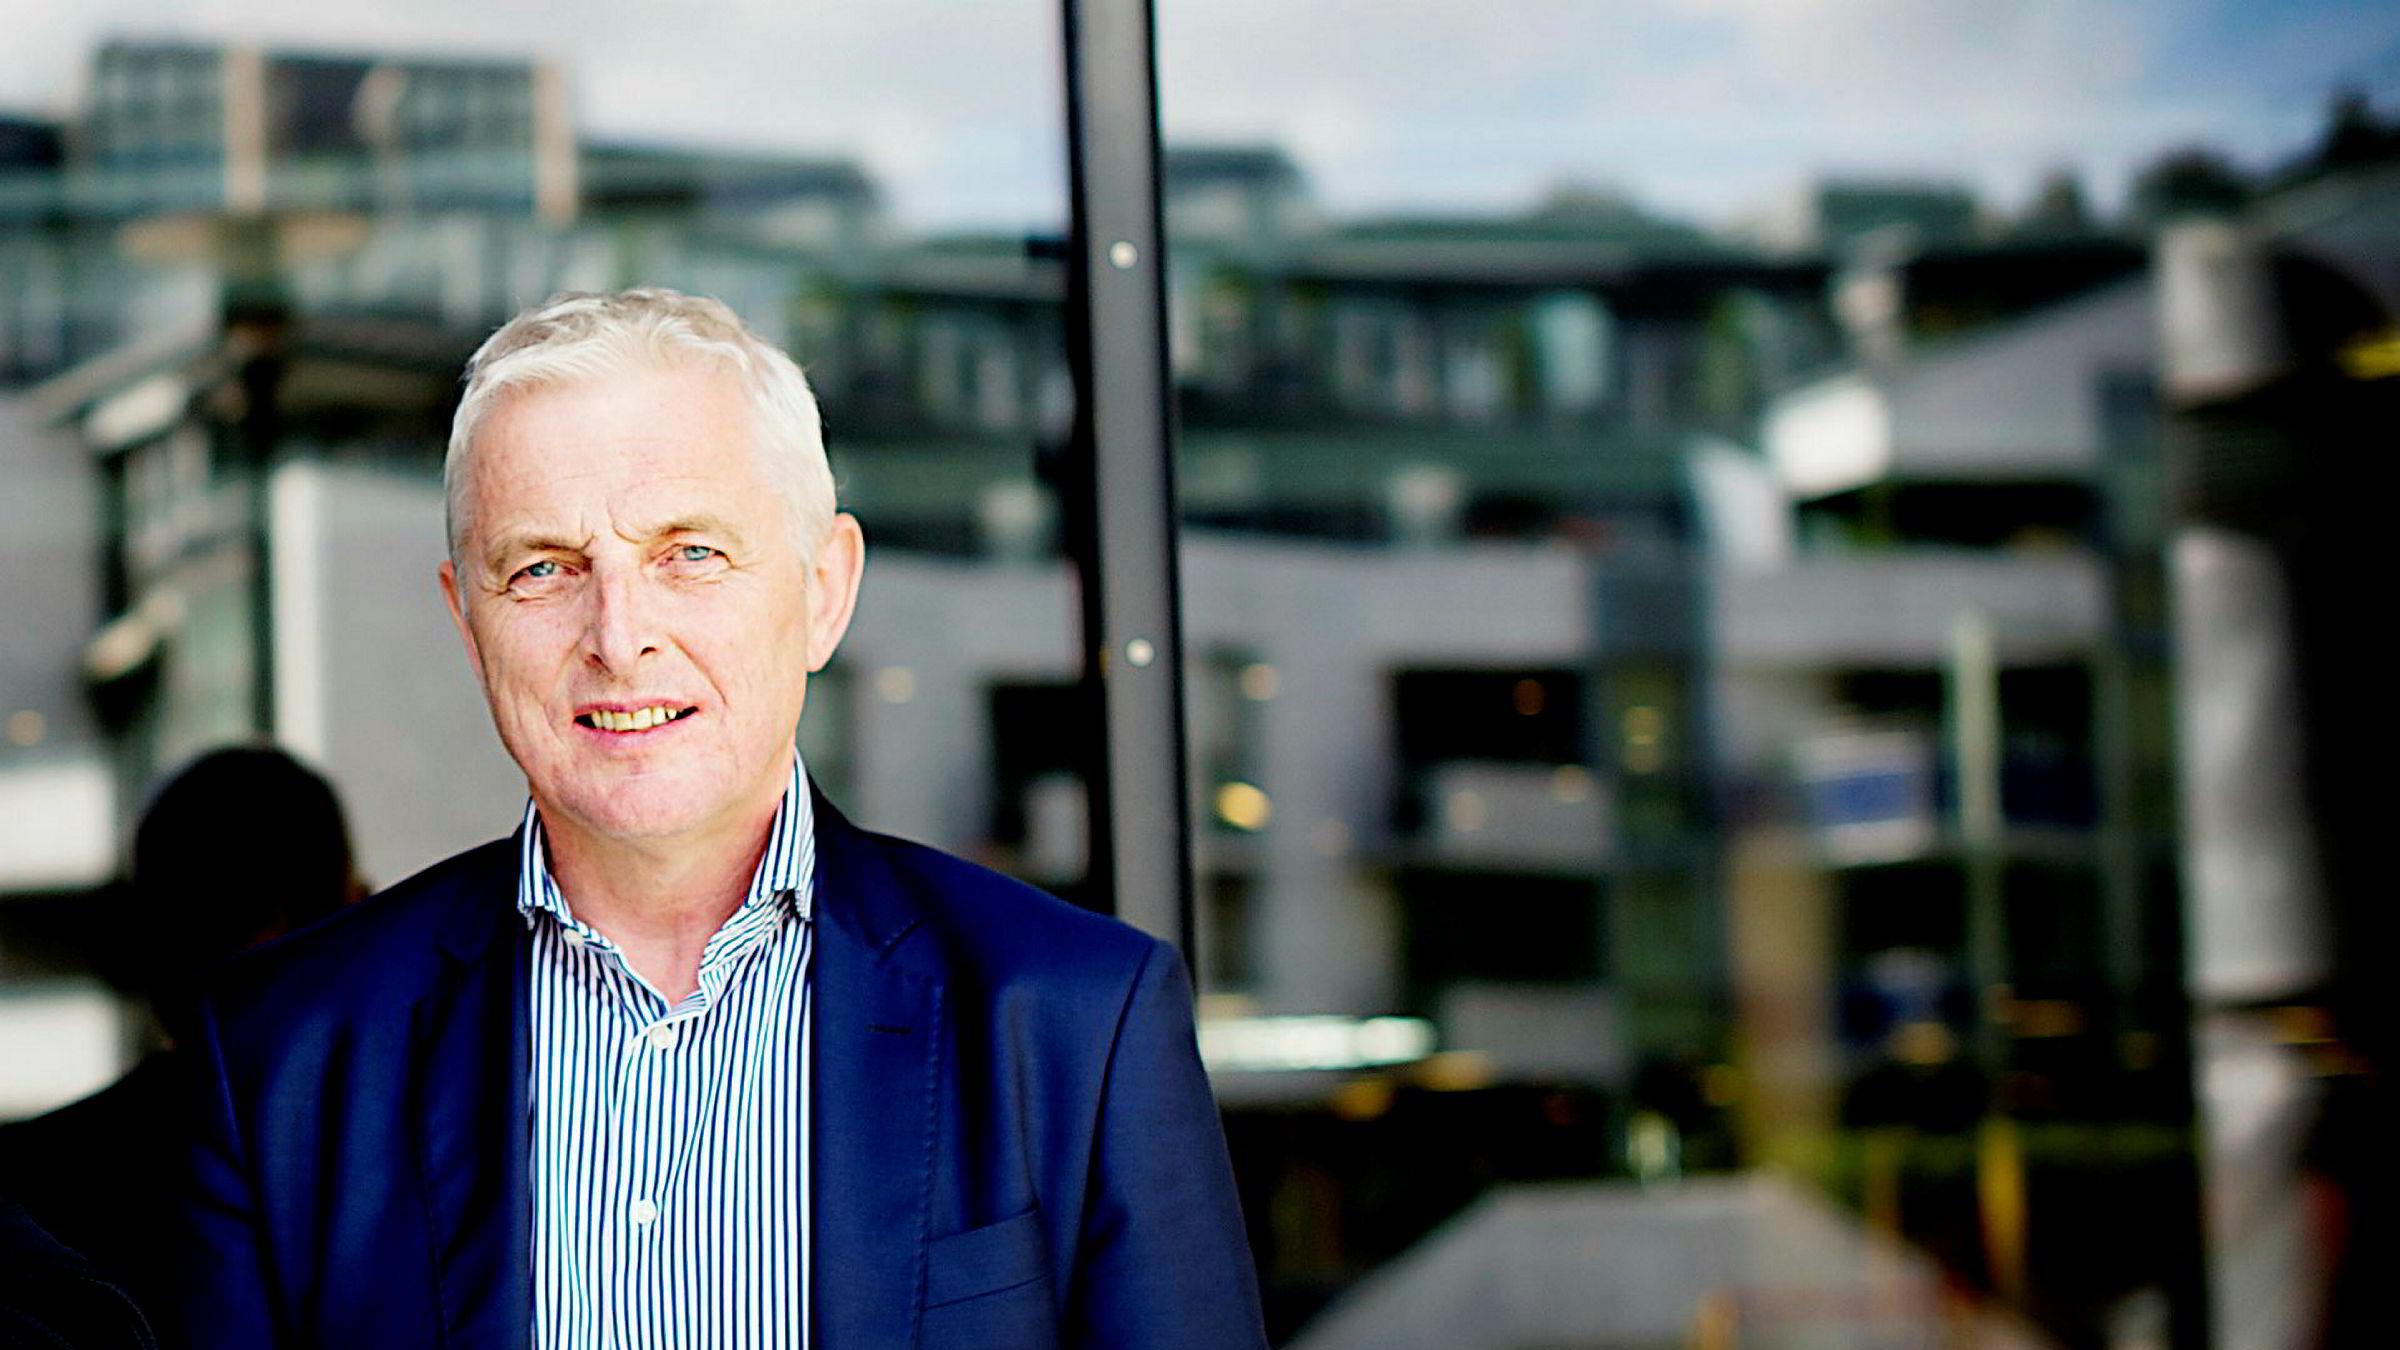 – Vi jobber med å få på plass en finansieringspakke som kan ta selskapet et steg videre, sier administrerende direktør Joar Gudmund Viken i NBT.